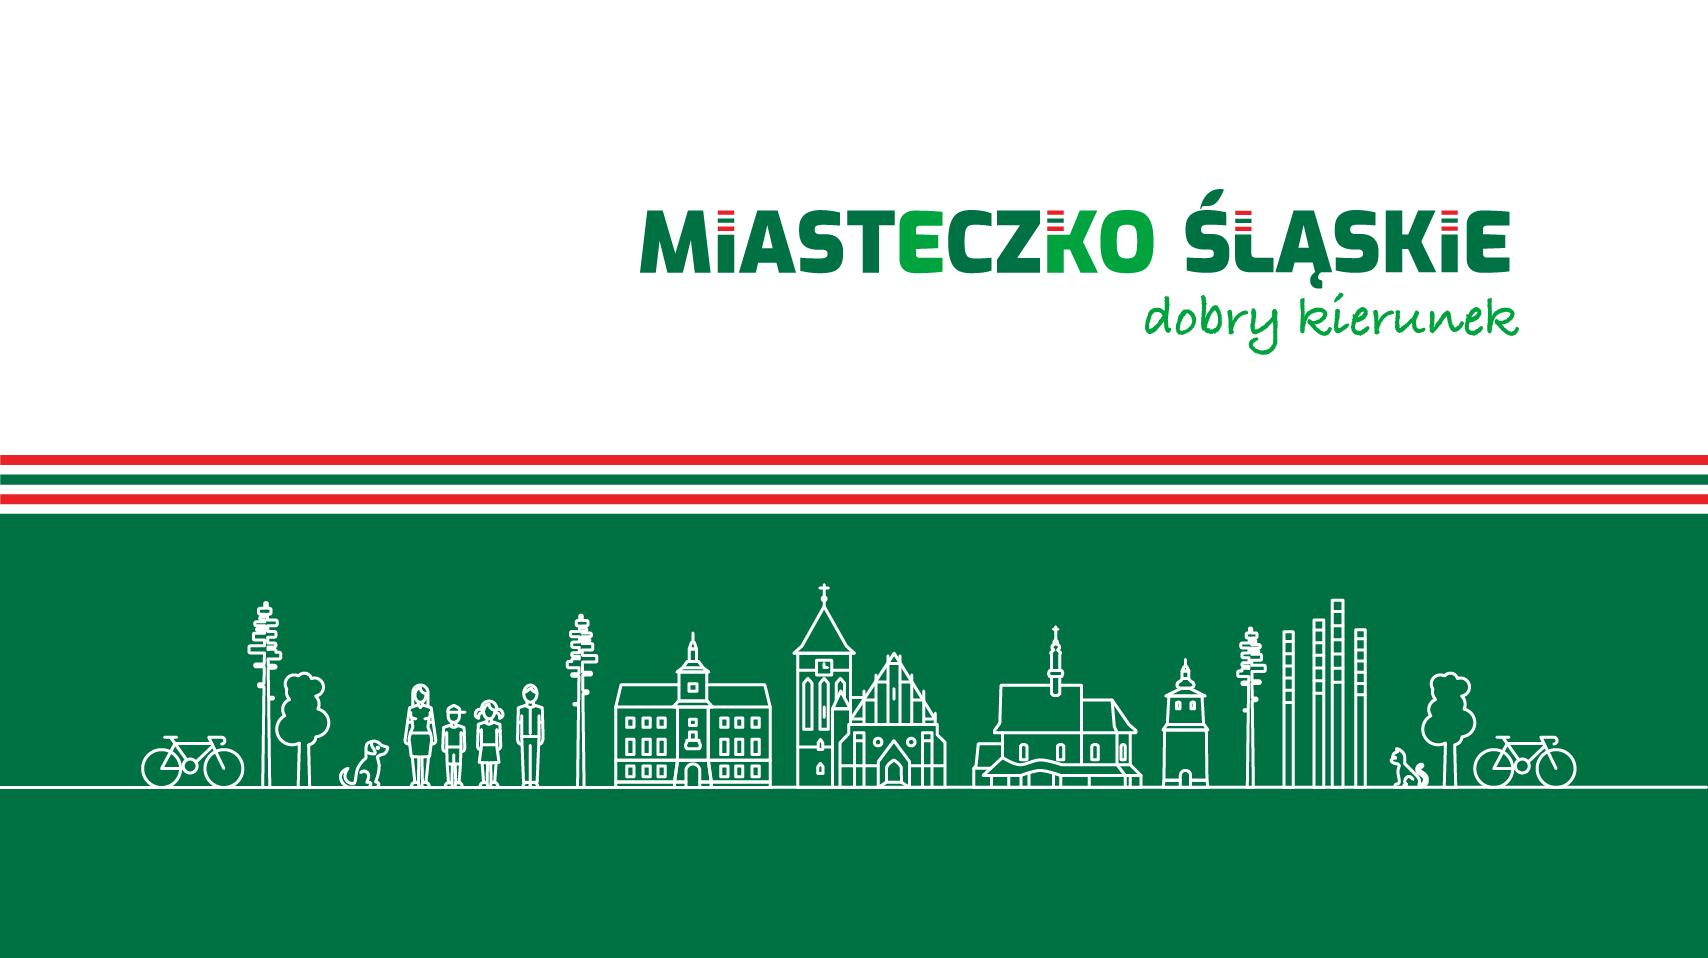 Porządek obrad XXII Sesji Rady Miejskiej w Miasteczku Śląskim